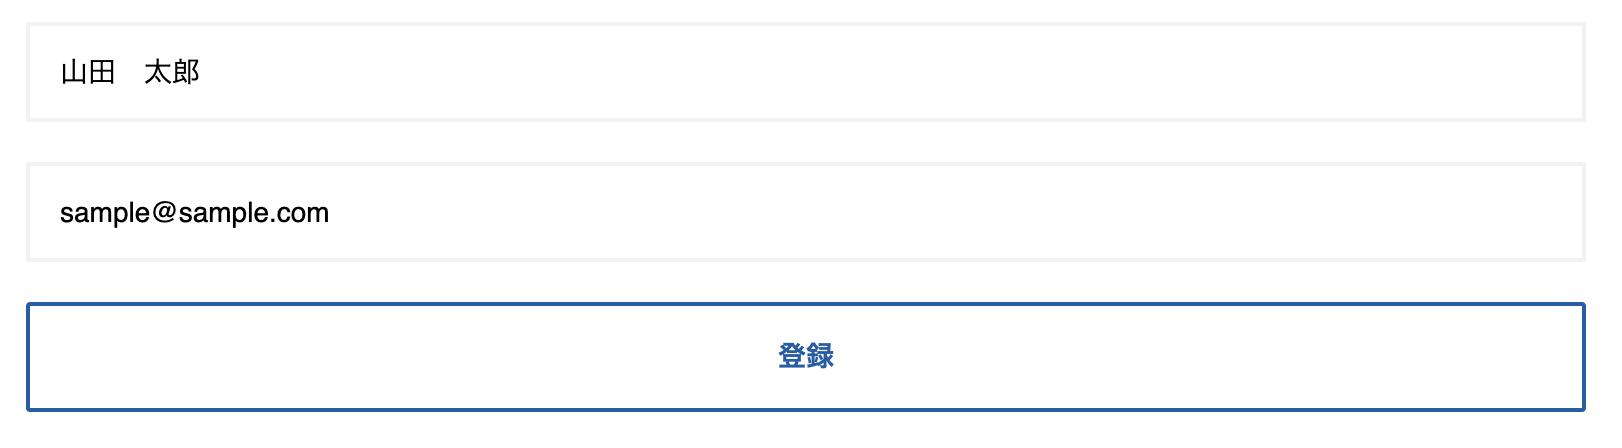 名前:山田太郎、メールアドレス:sample@sample.com